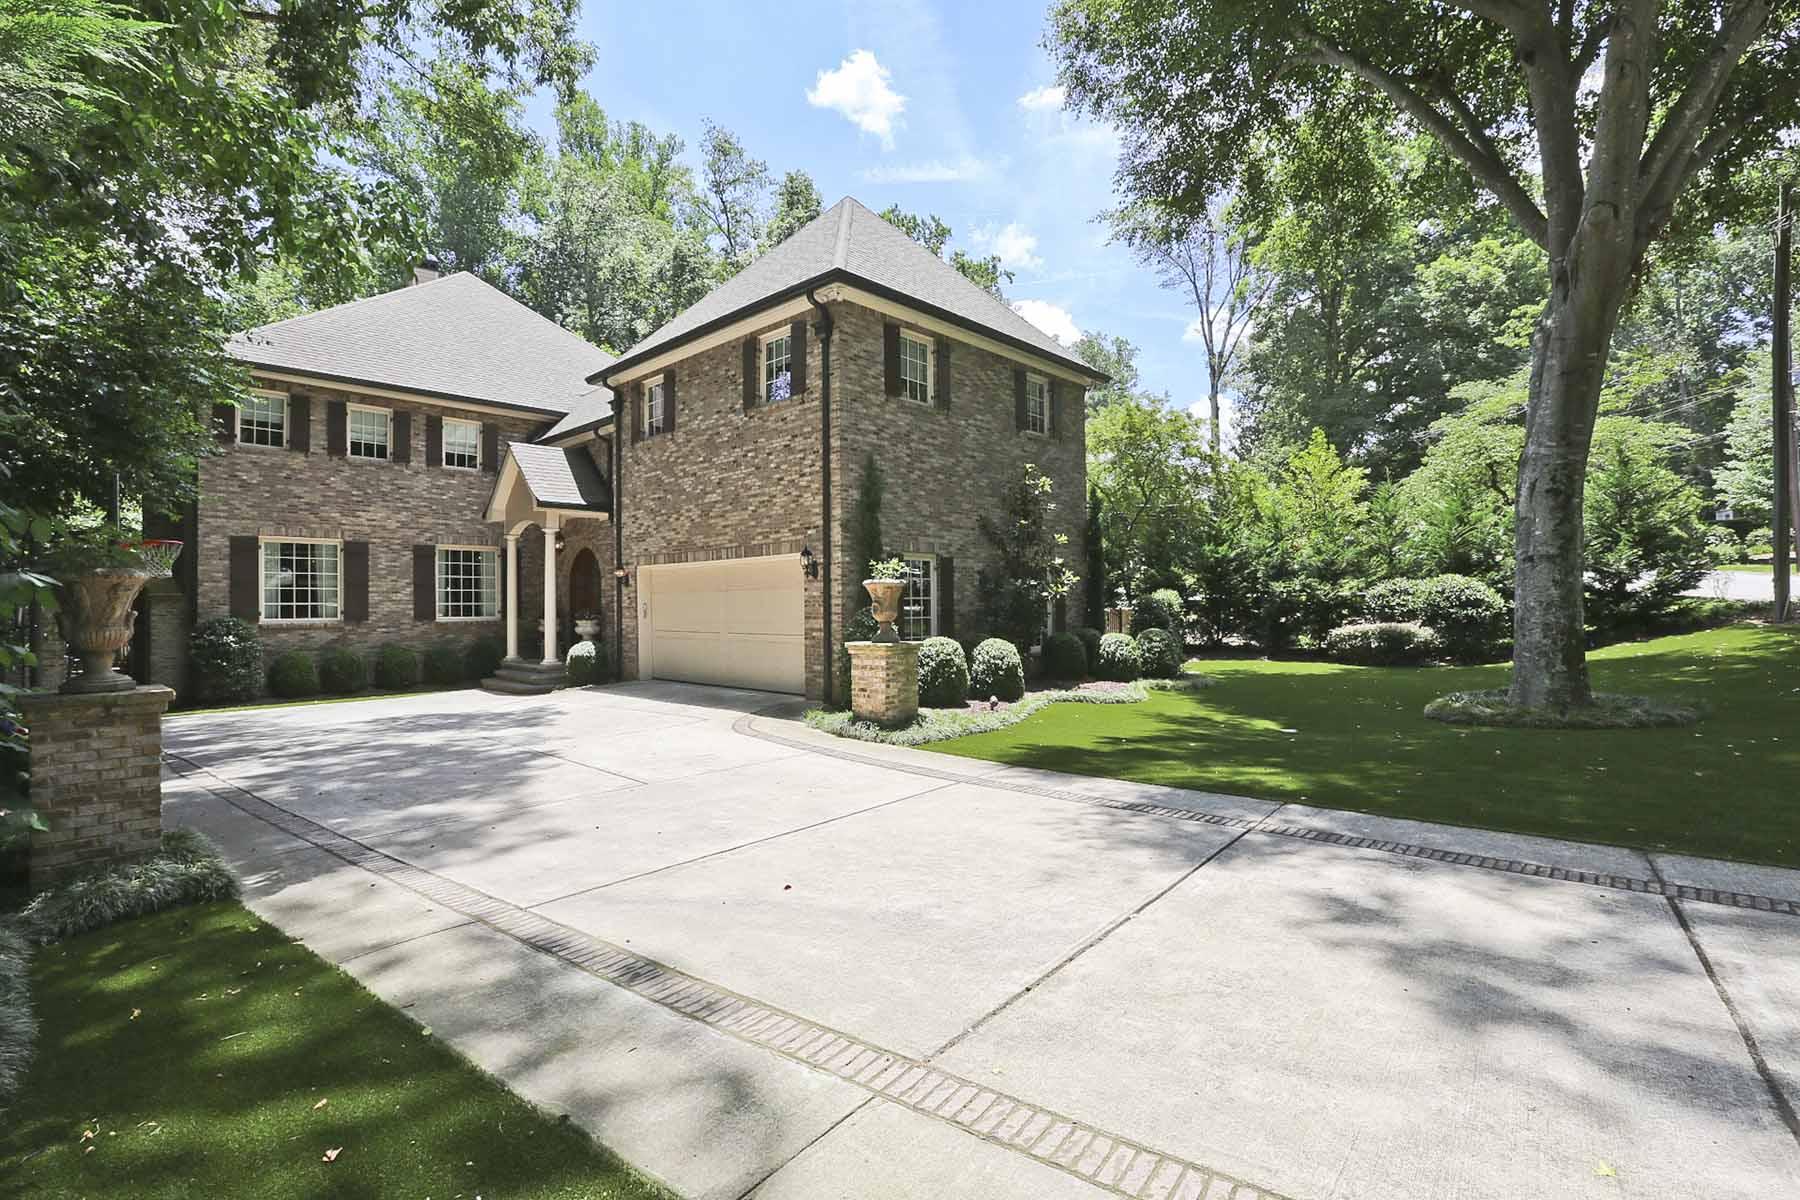 Casa Unifamiliar por un Venta en Perfect Buckhead Estate 4061 N. Ivy Road Buckhead, Atlanta, Georgia 30342 Estados Unidos